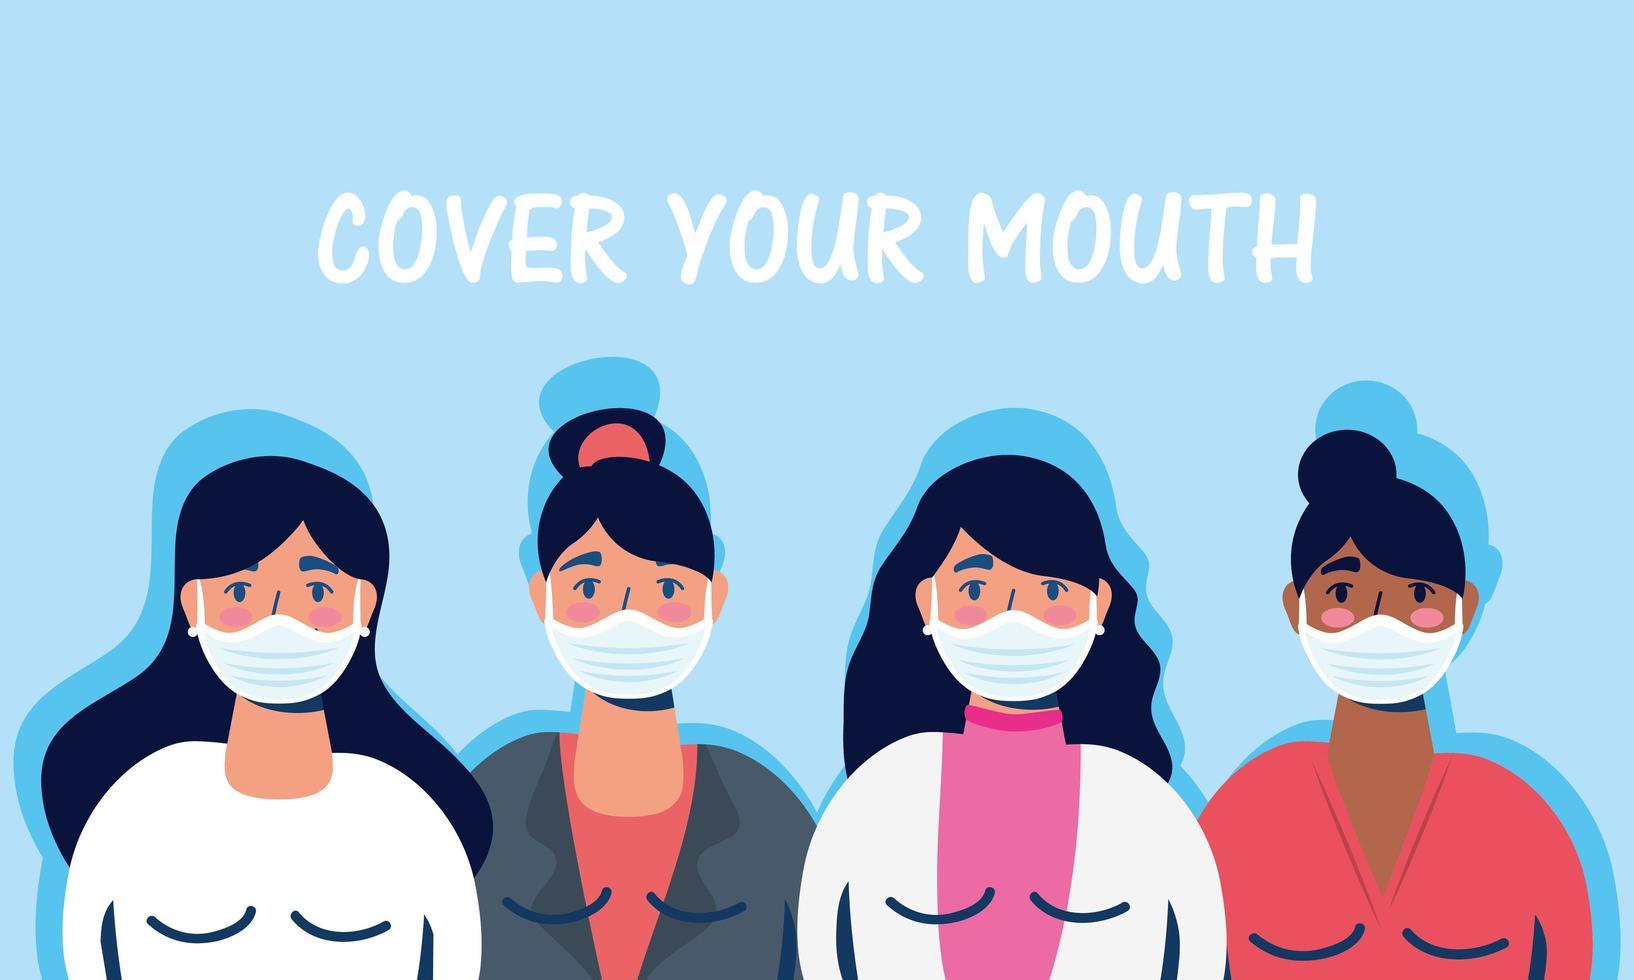 femmes avec des masques faciaux et couvrir votre lettrage de bouche vecteur